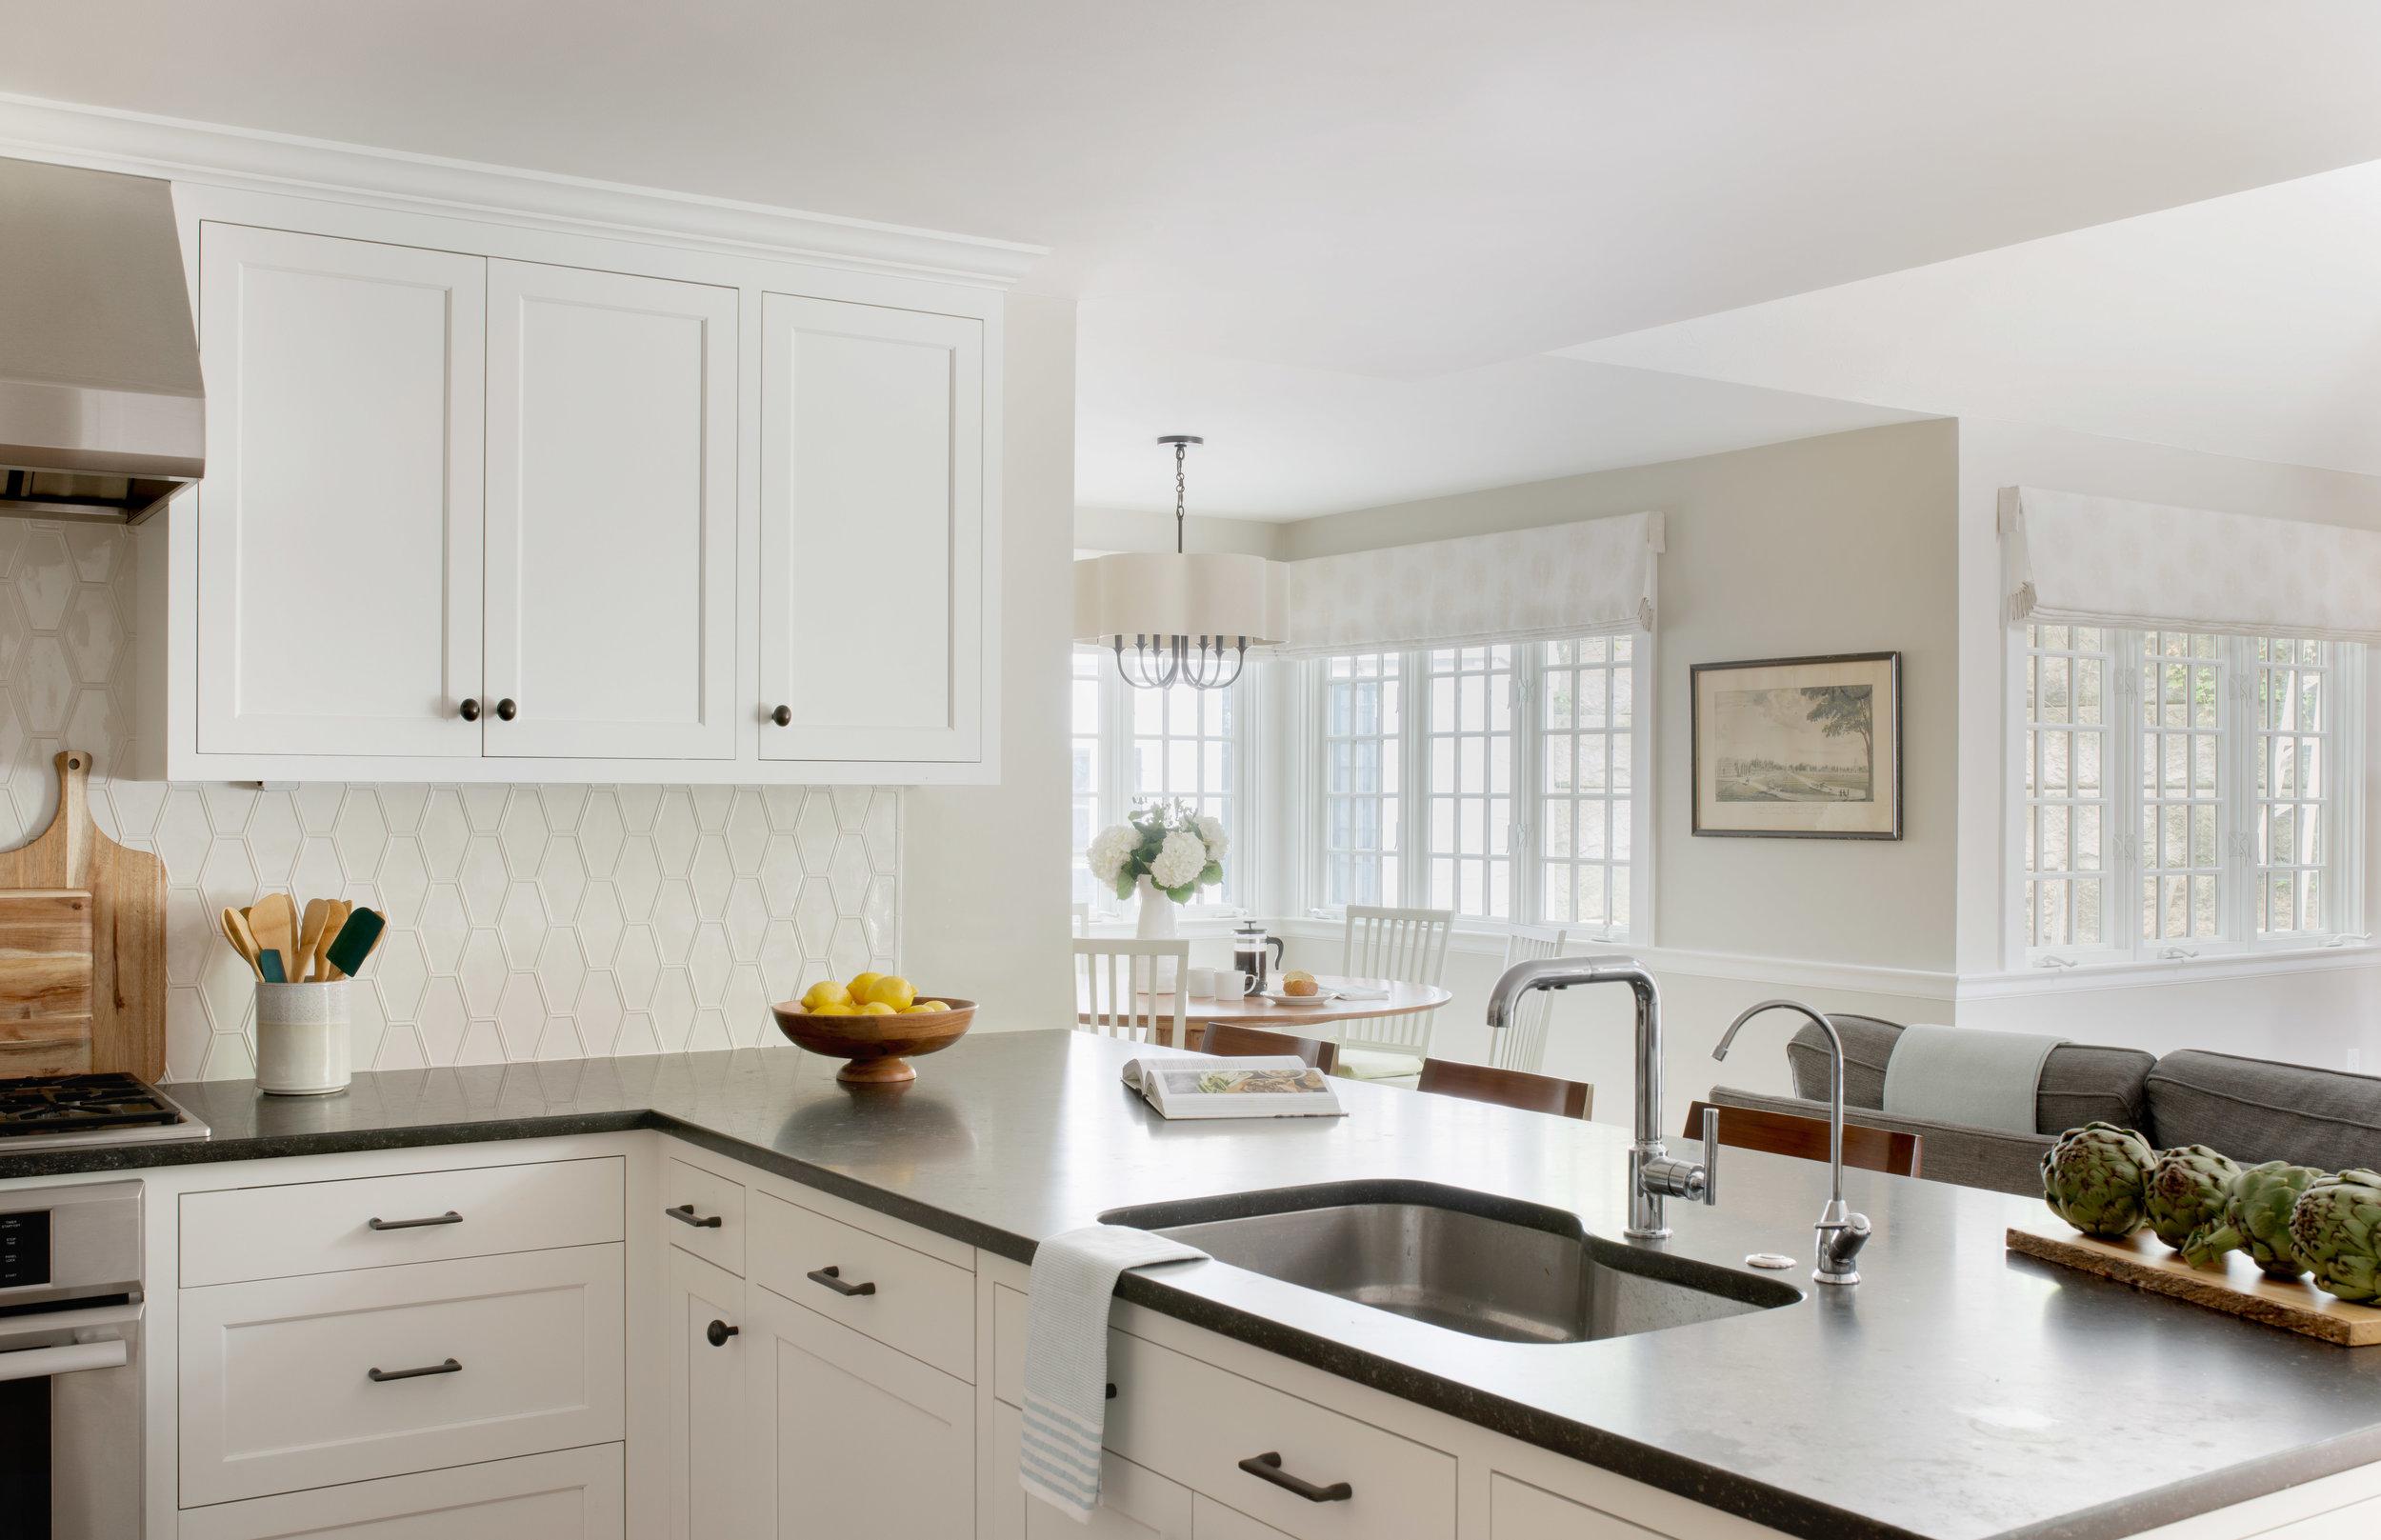 PinneyDesigns Chestnut Hill kitchen-4747-2.jpg